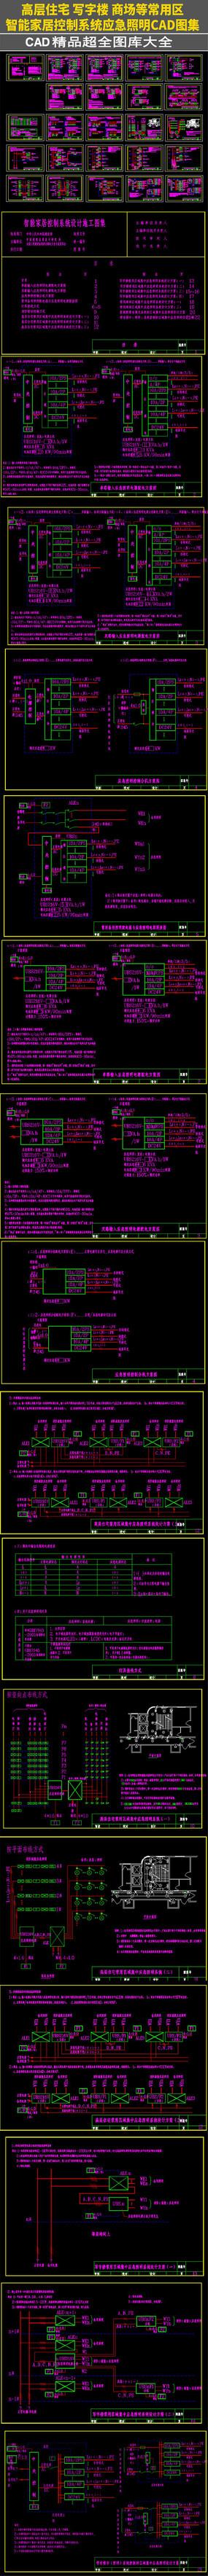 常用区智能家居控制系统设计施工图集